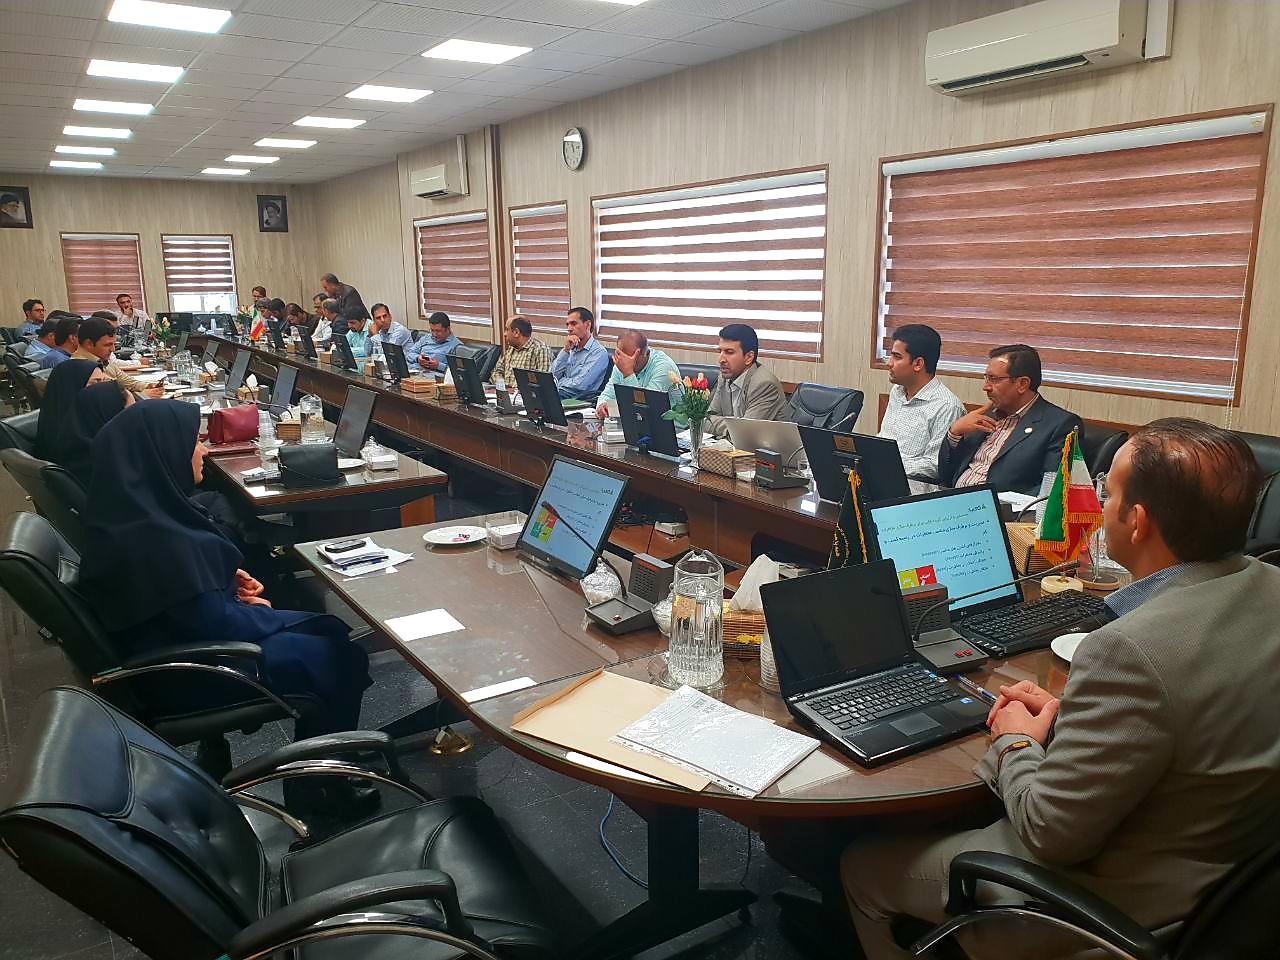 جلسه آموزشی نحوهی پیادهسازی ISMS در سازمان جهاد کشاورزی استان فارس